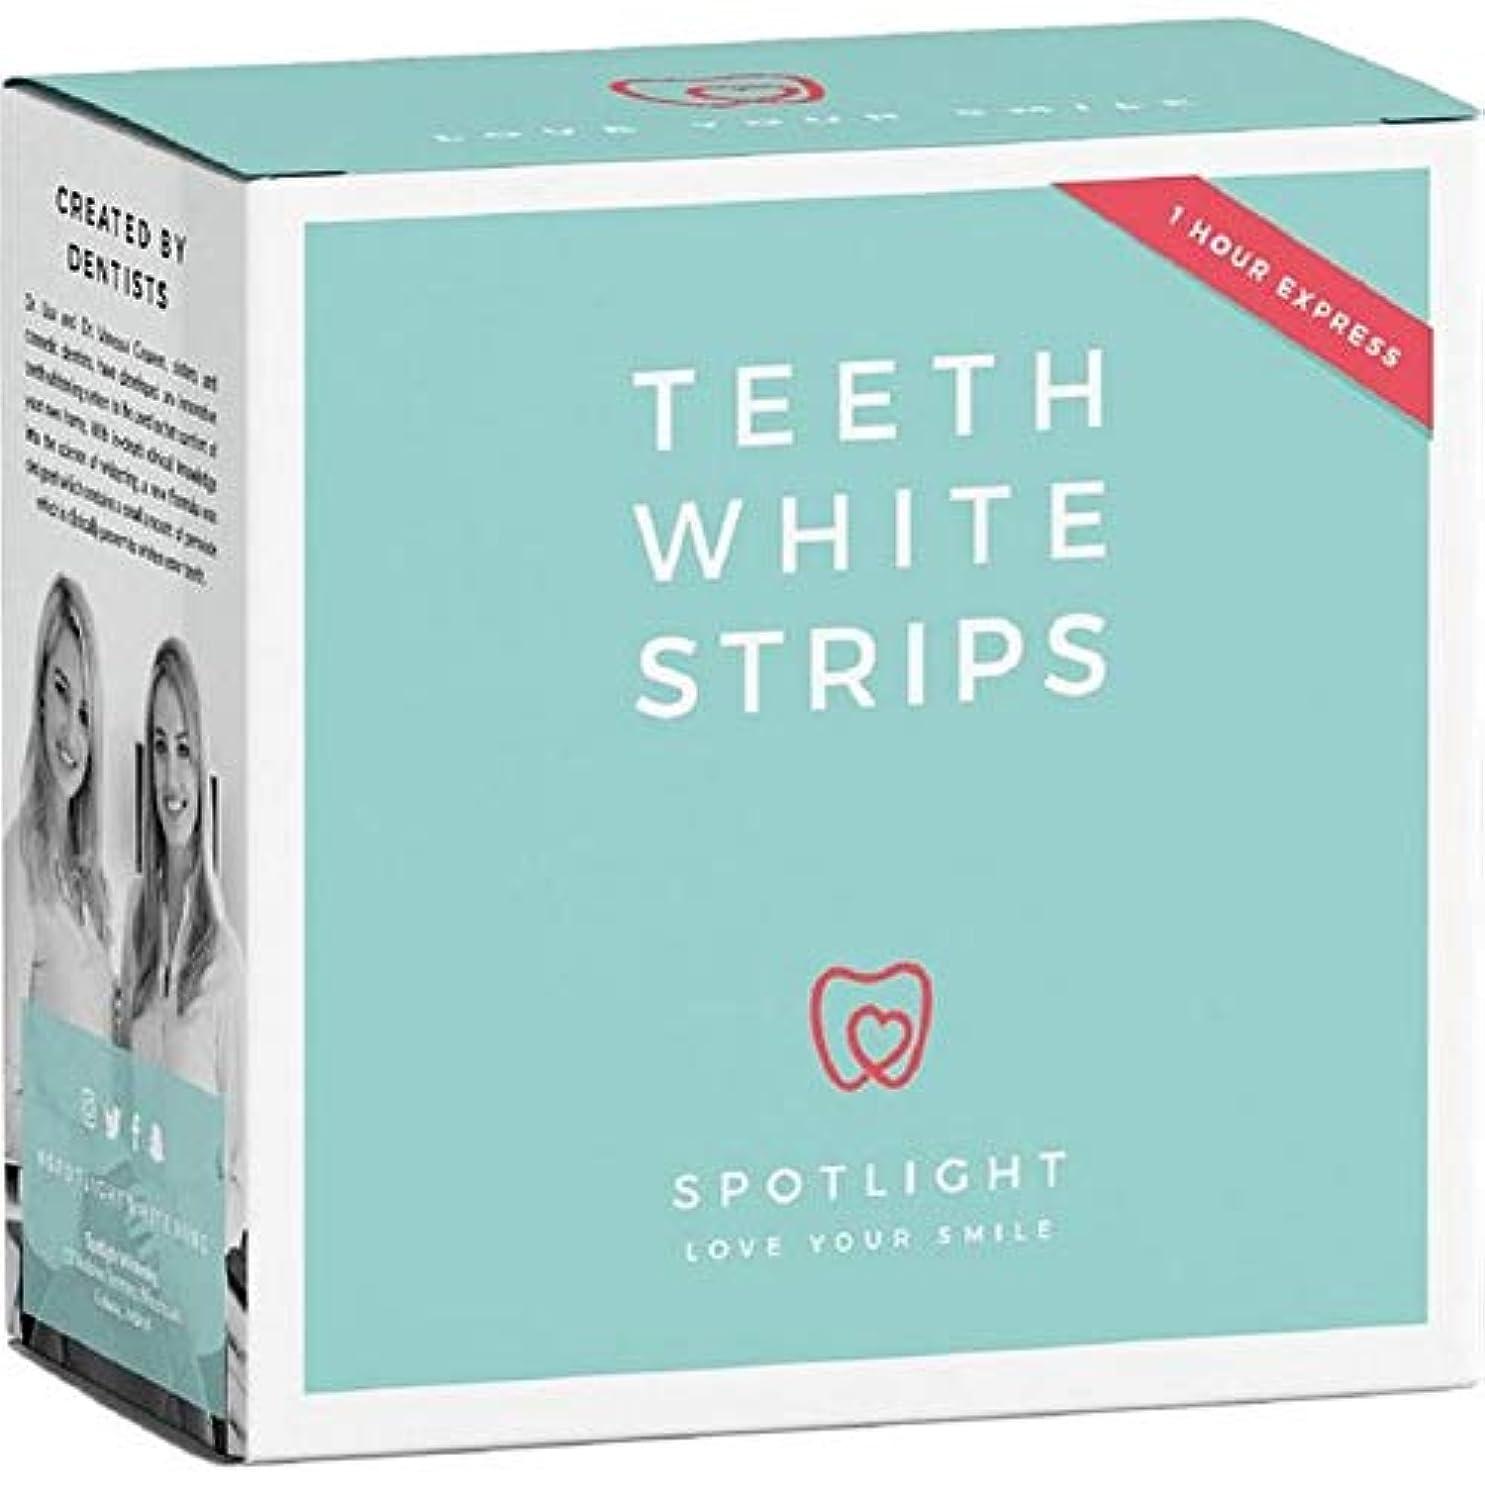 レディほうきロードハウス[Spotlight Teeth Whitening ] スポットライトホワイトニング歯ホワイトストリップ - Spotlight Whitening Teeth White Strips [並行輸入品]